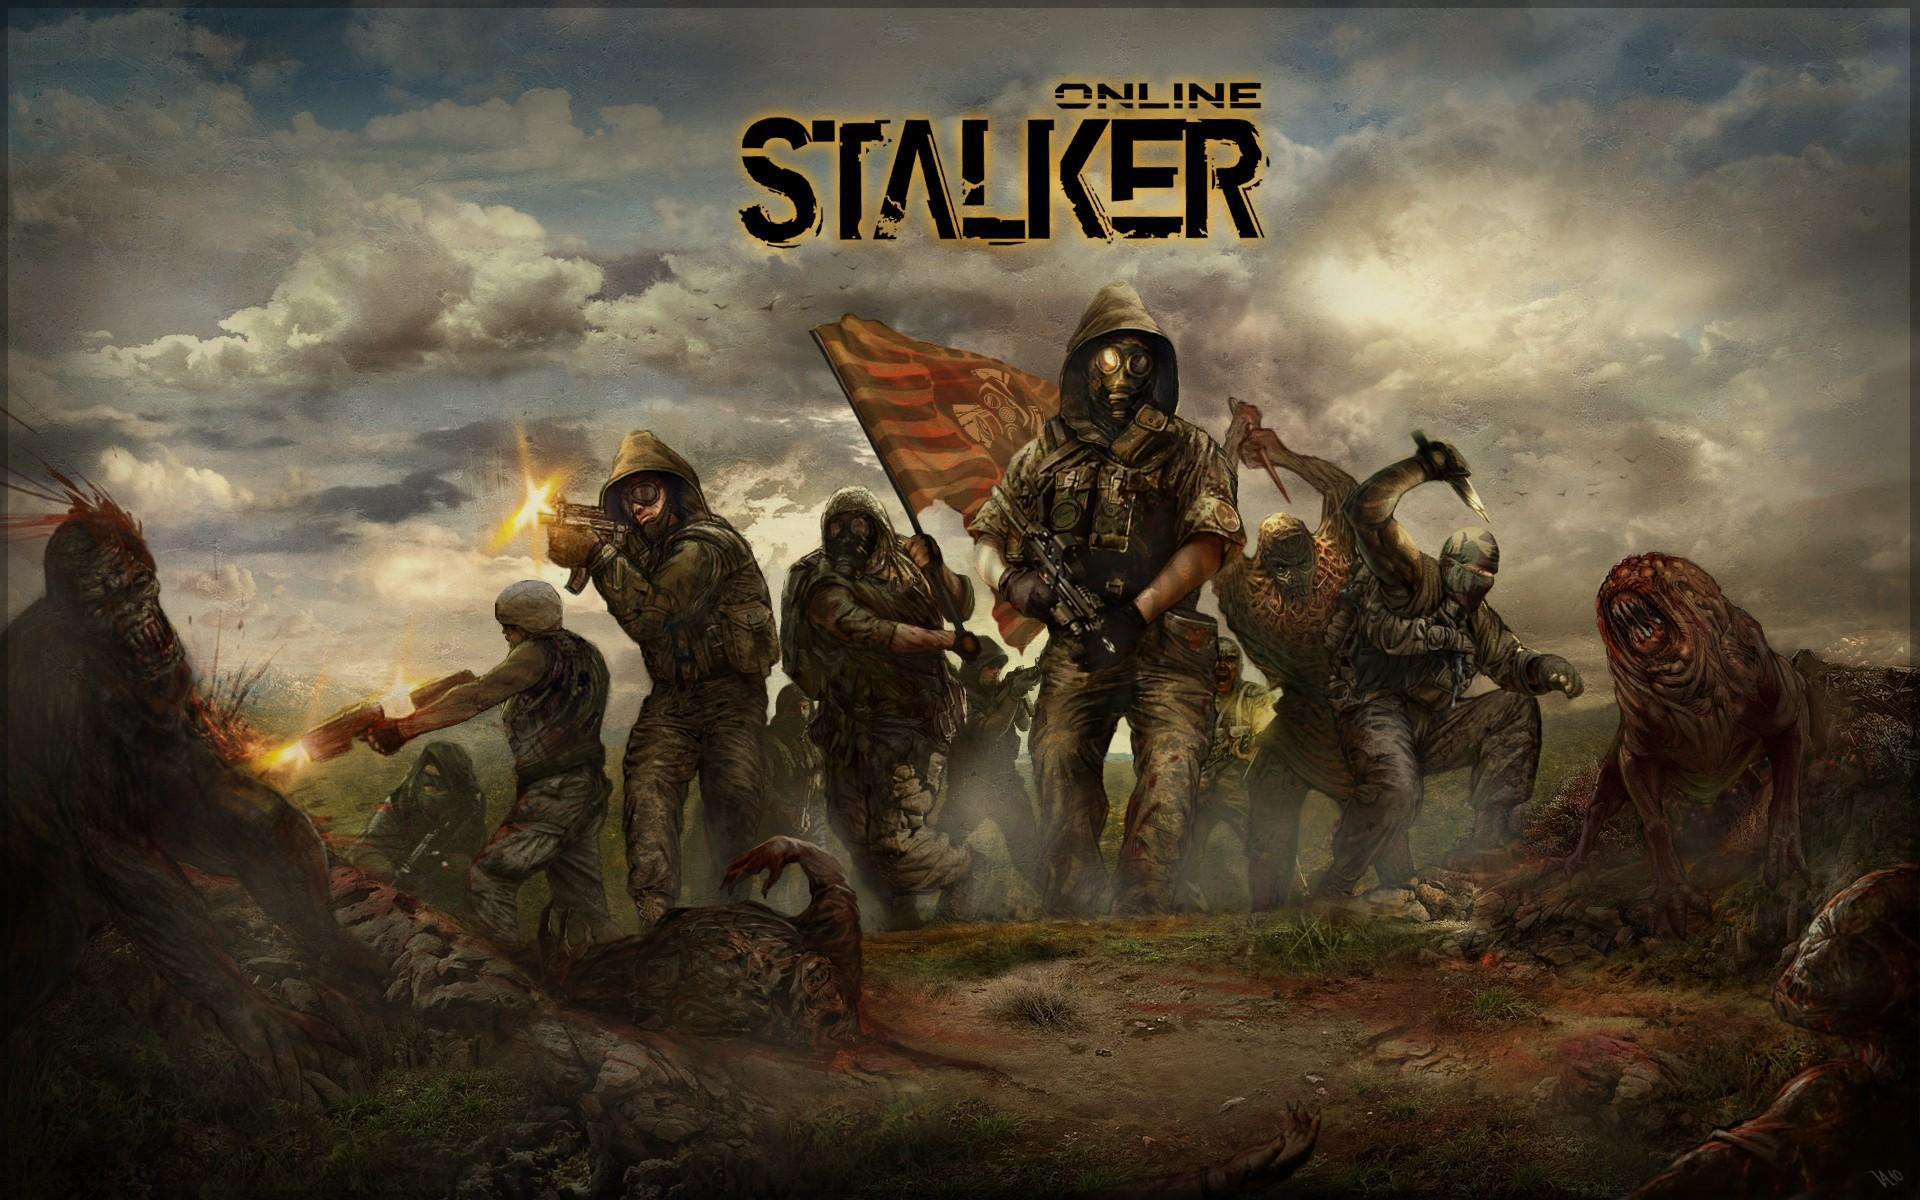 stalker-online